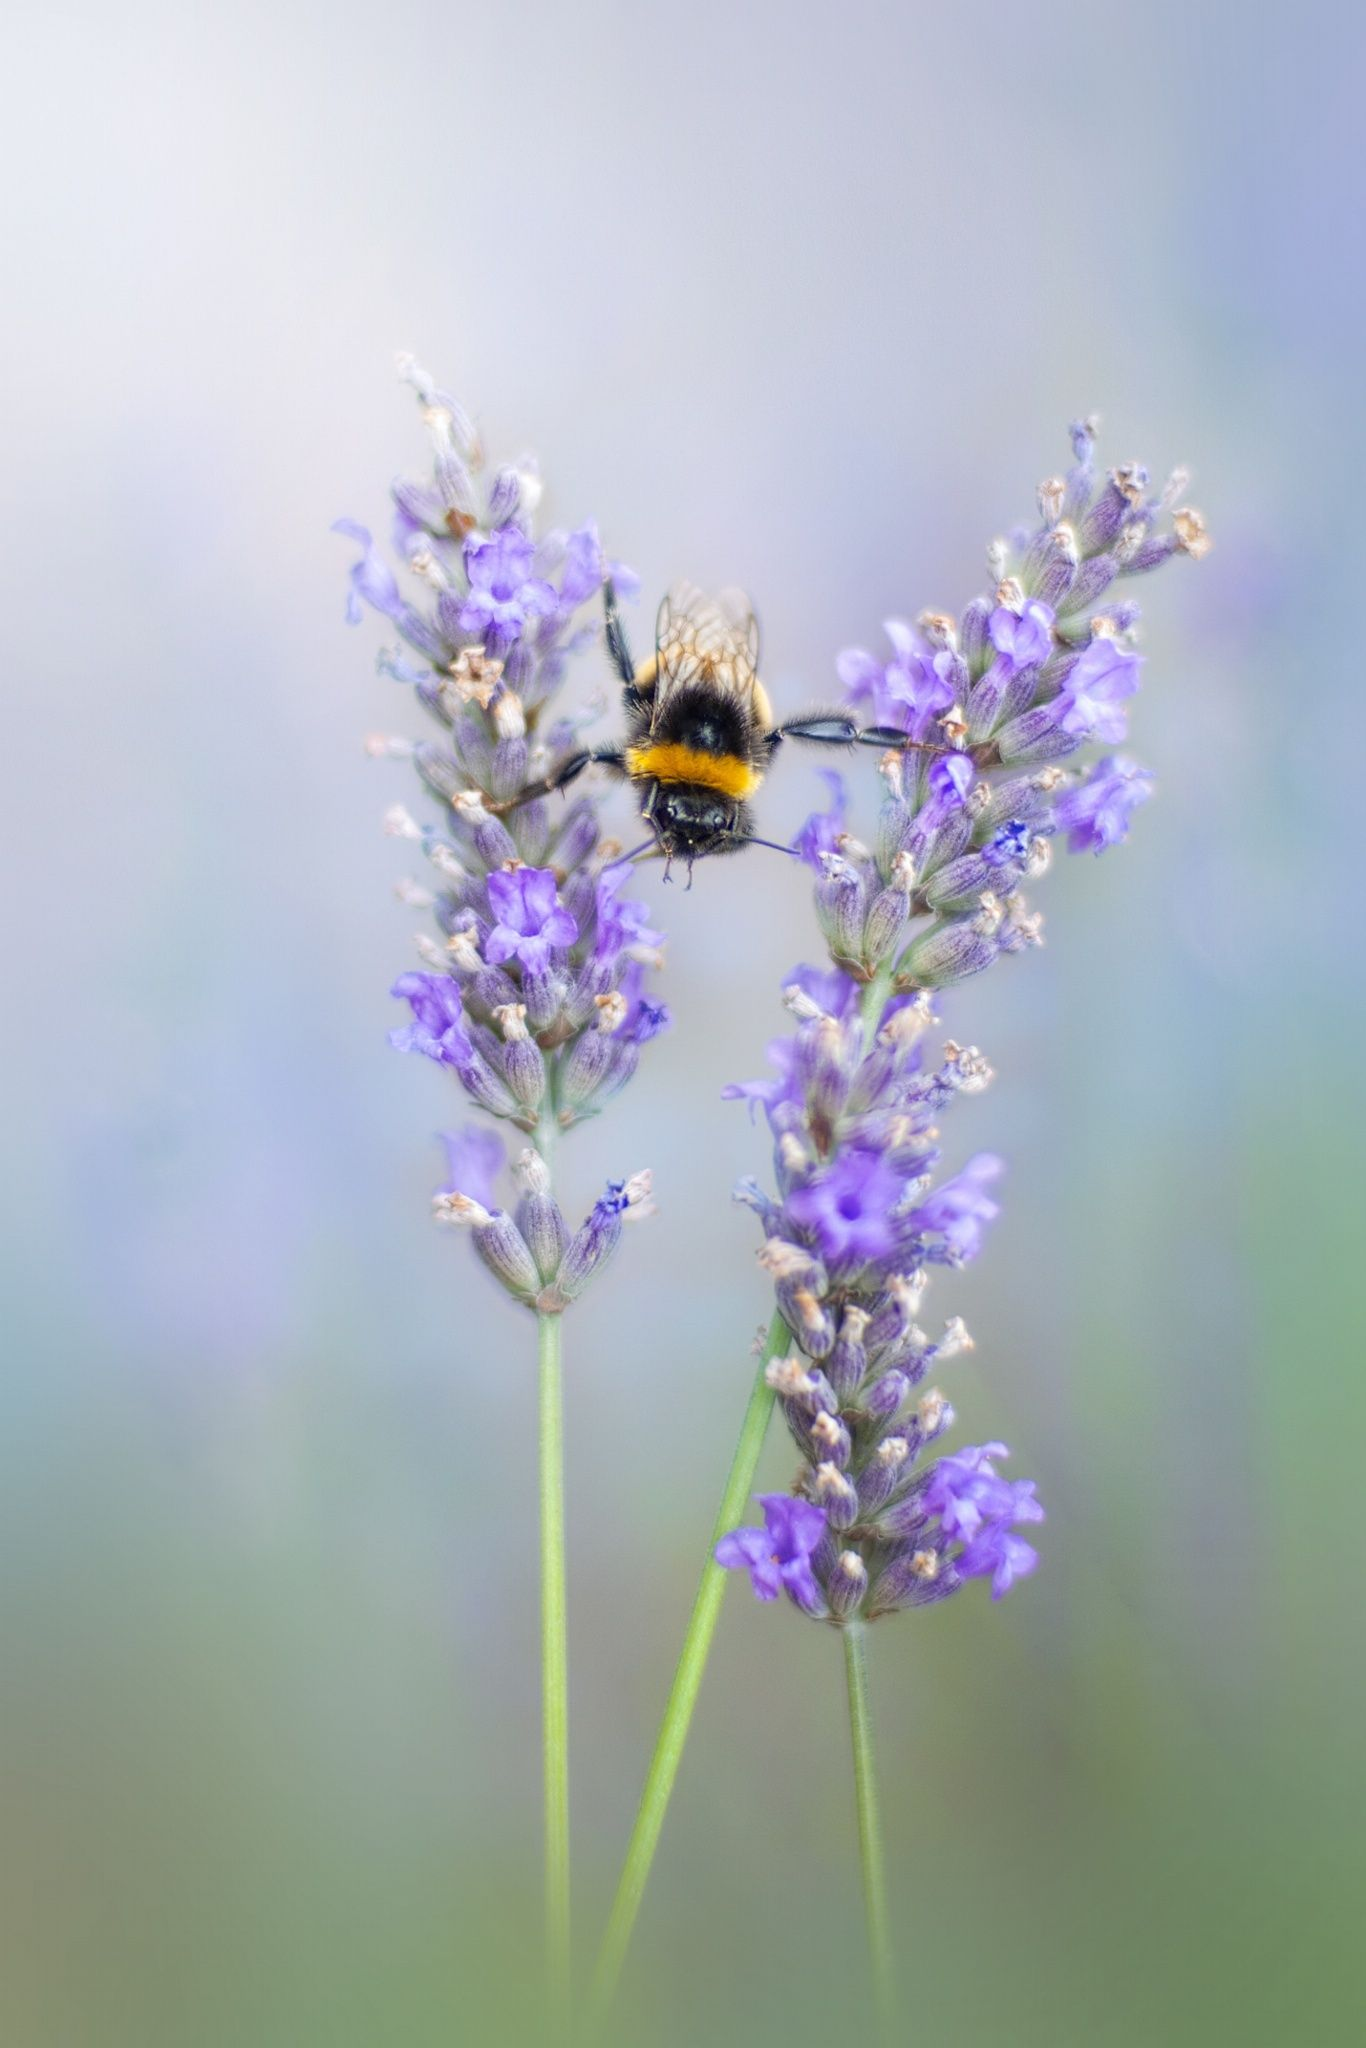 Summer Splits By Jacky Parker On 500px Mit Bildern Blumenbilder Bilder Bienen